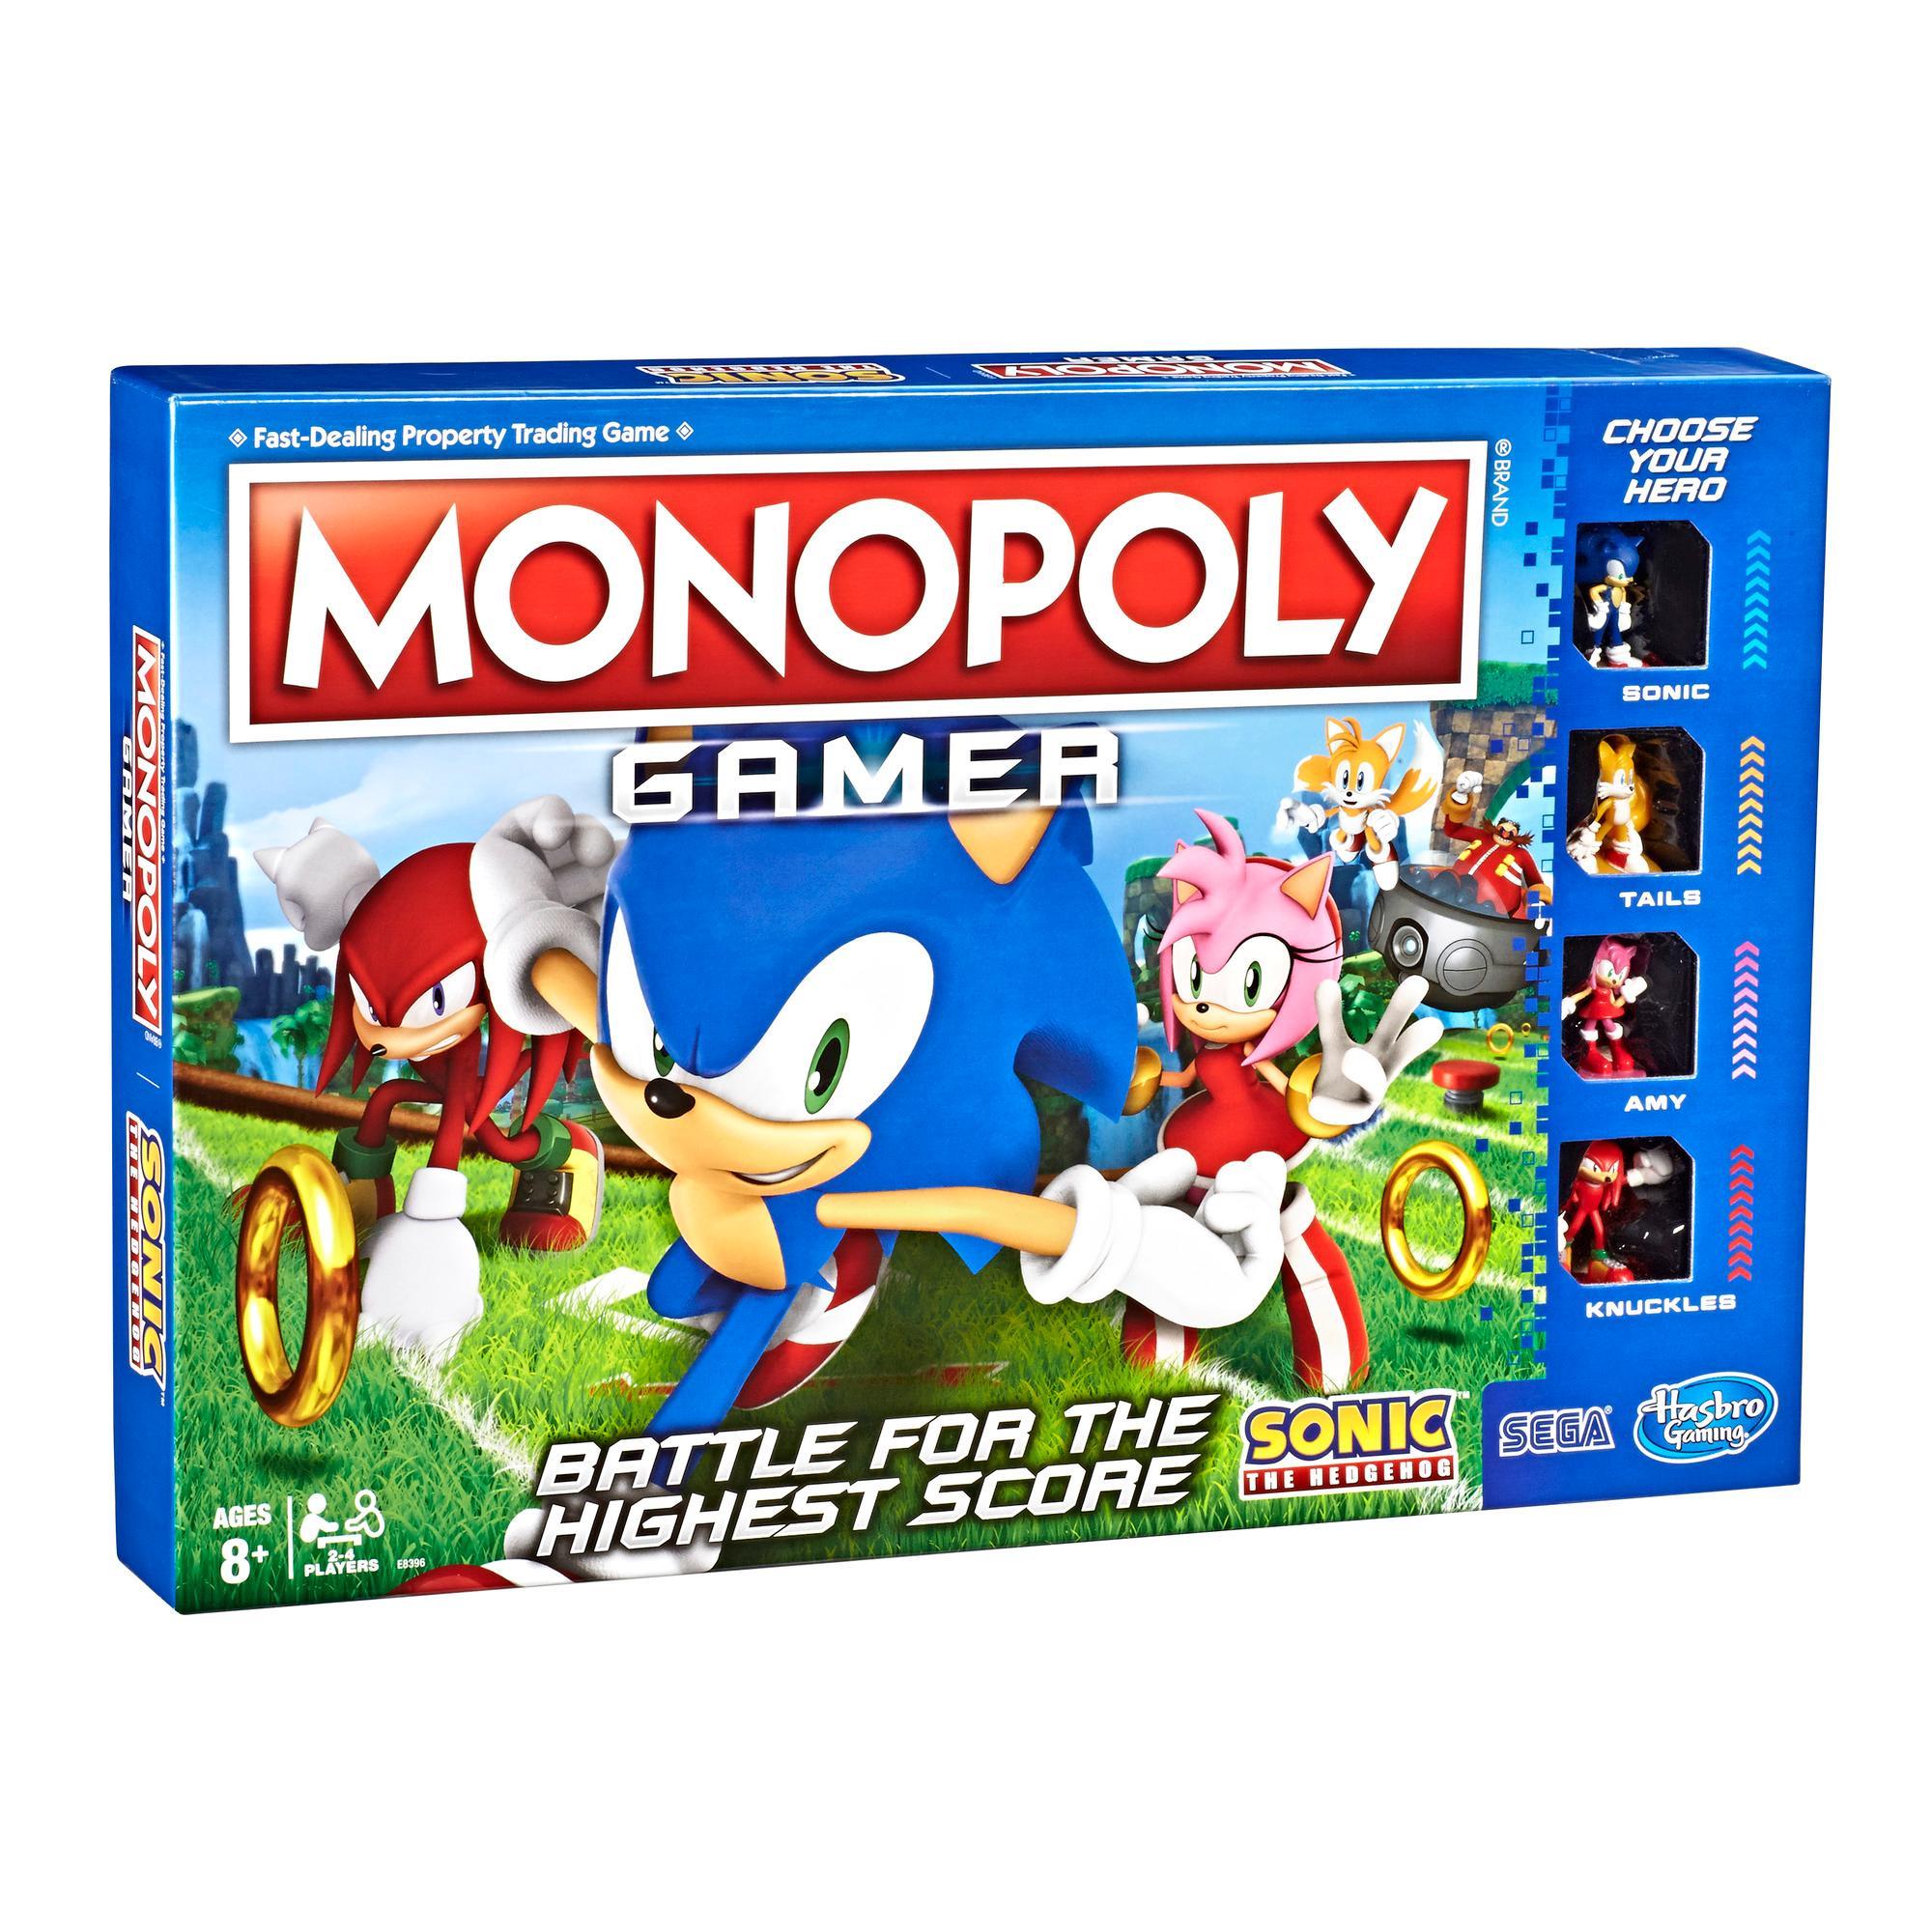 Juego de mesa Monopoly Gamer - Edición Sonic the Hedgehog